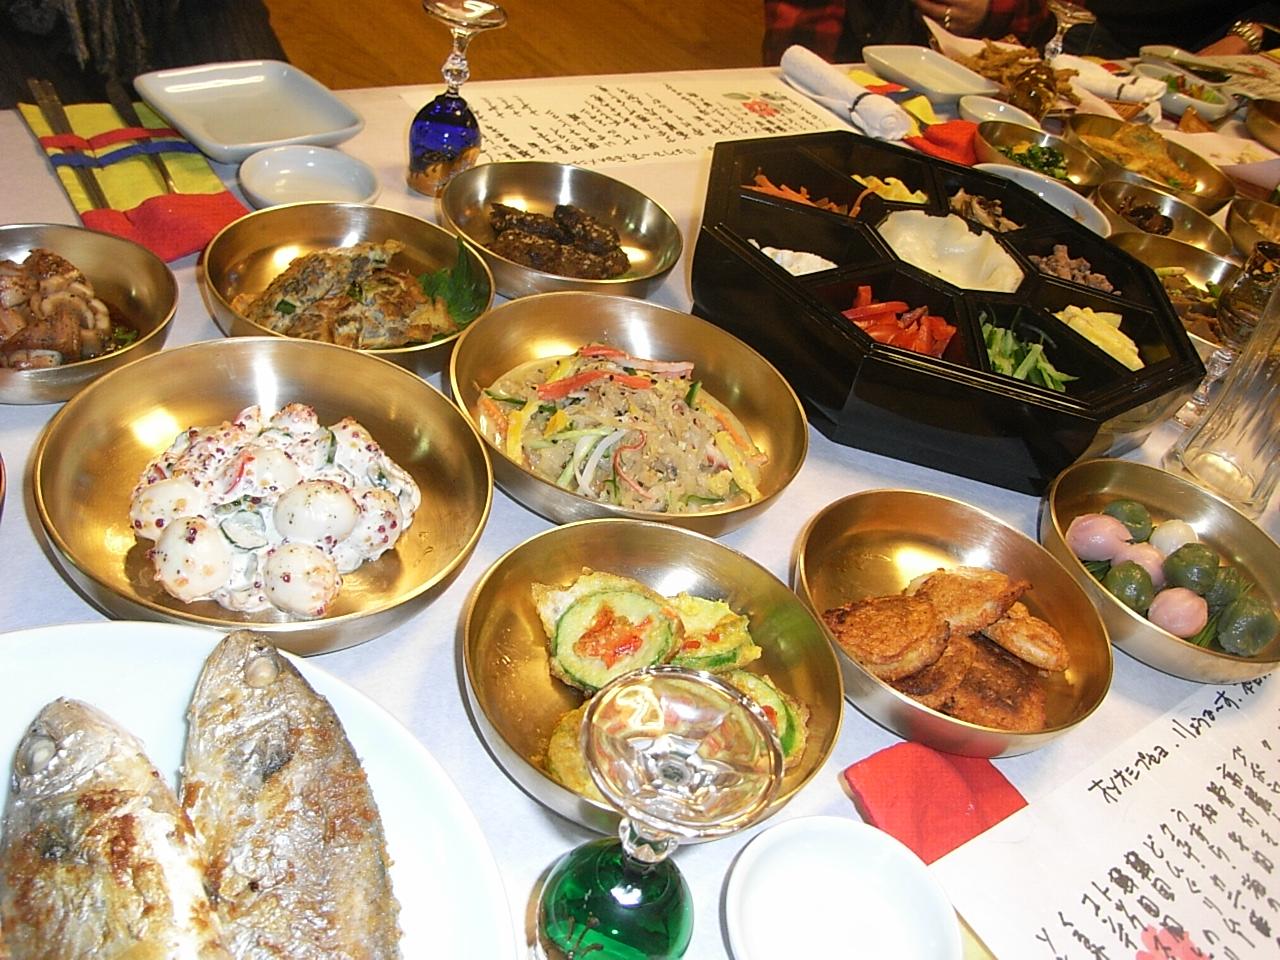 松江 韓国料理 おすすめ情報 - r.gnavi.co.jp